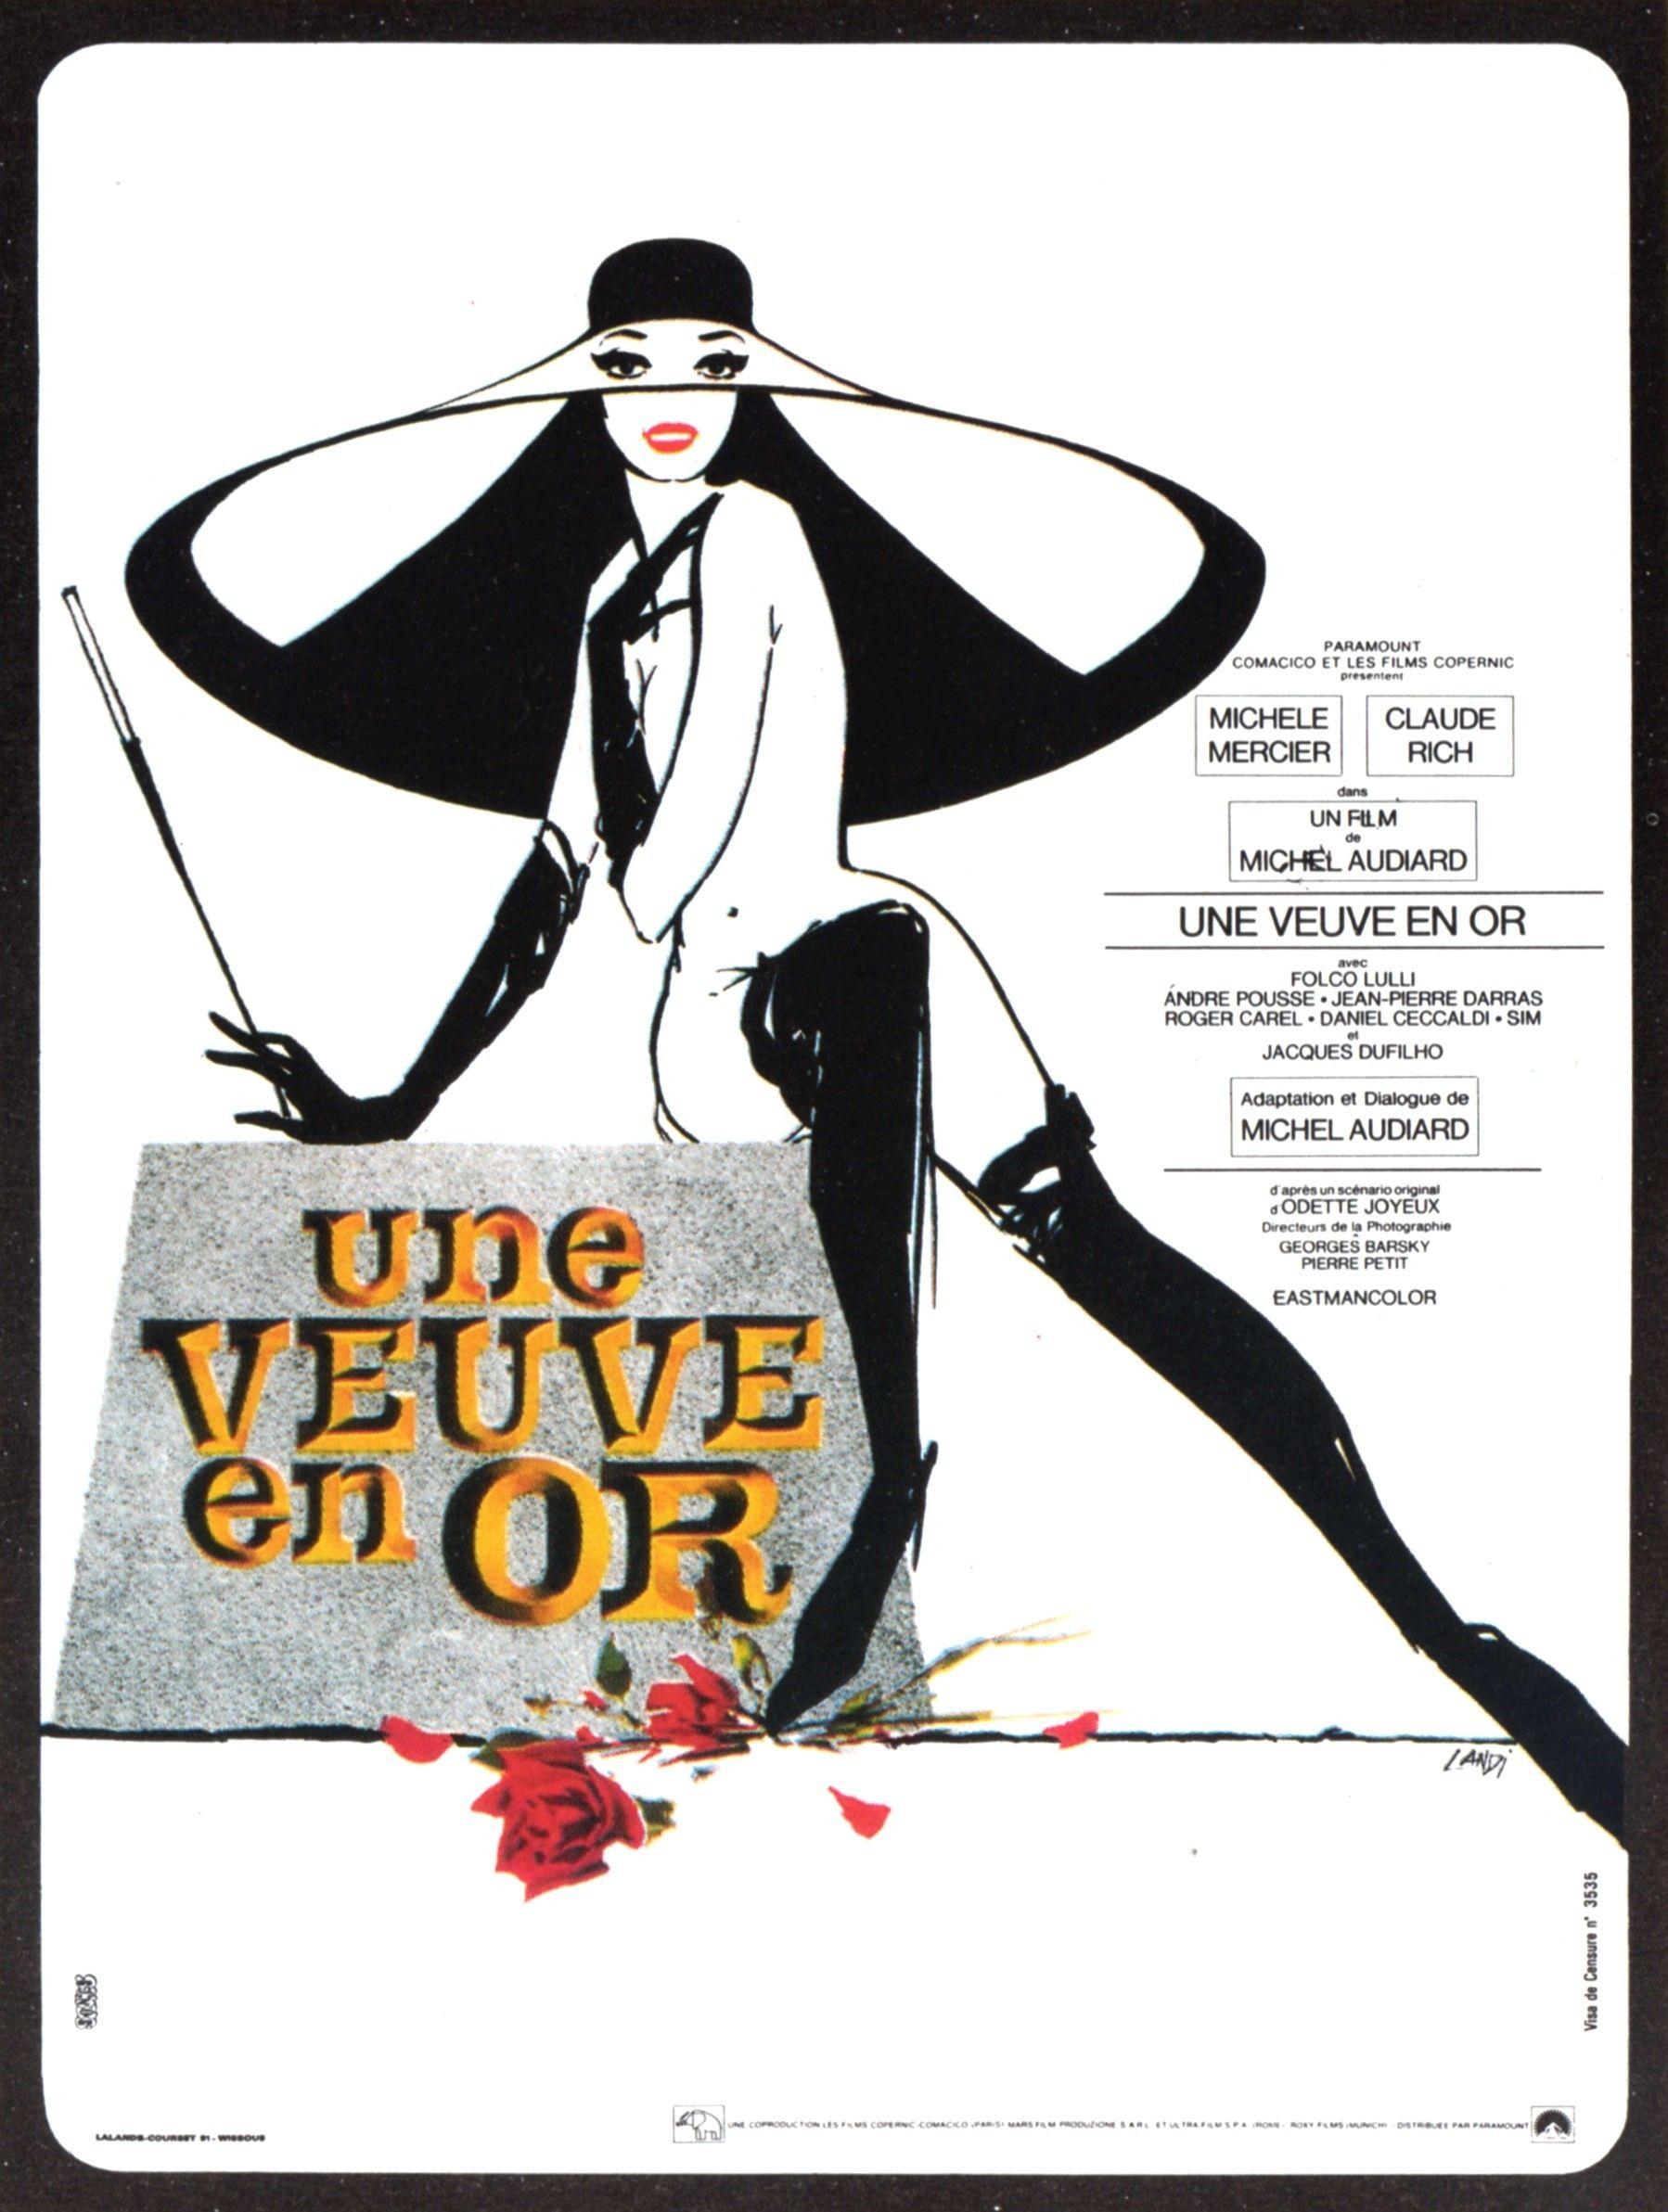 Votre dernier film visionné - Page 14 Une_veuve_en_or